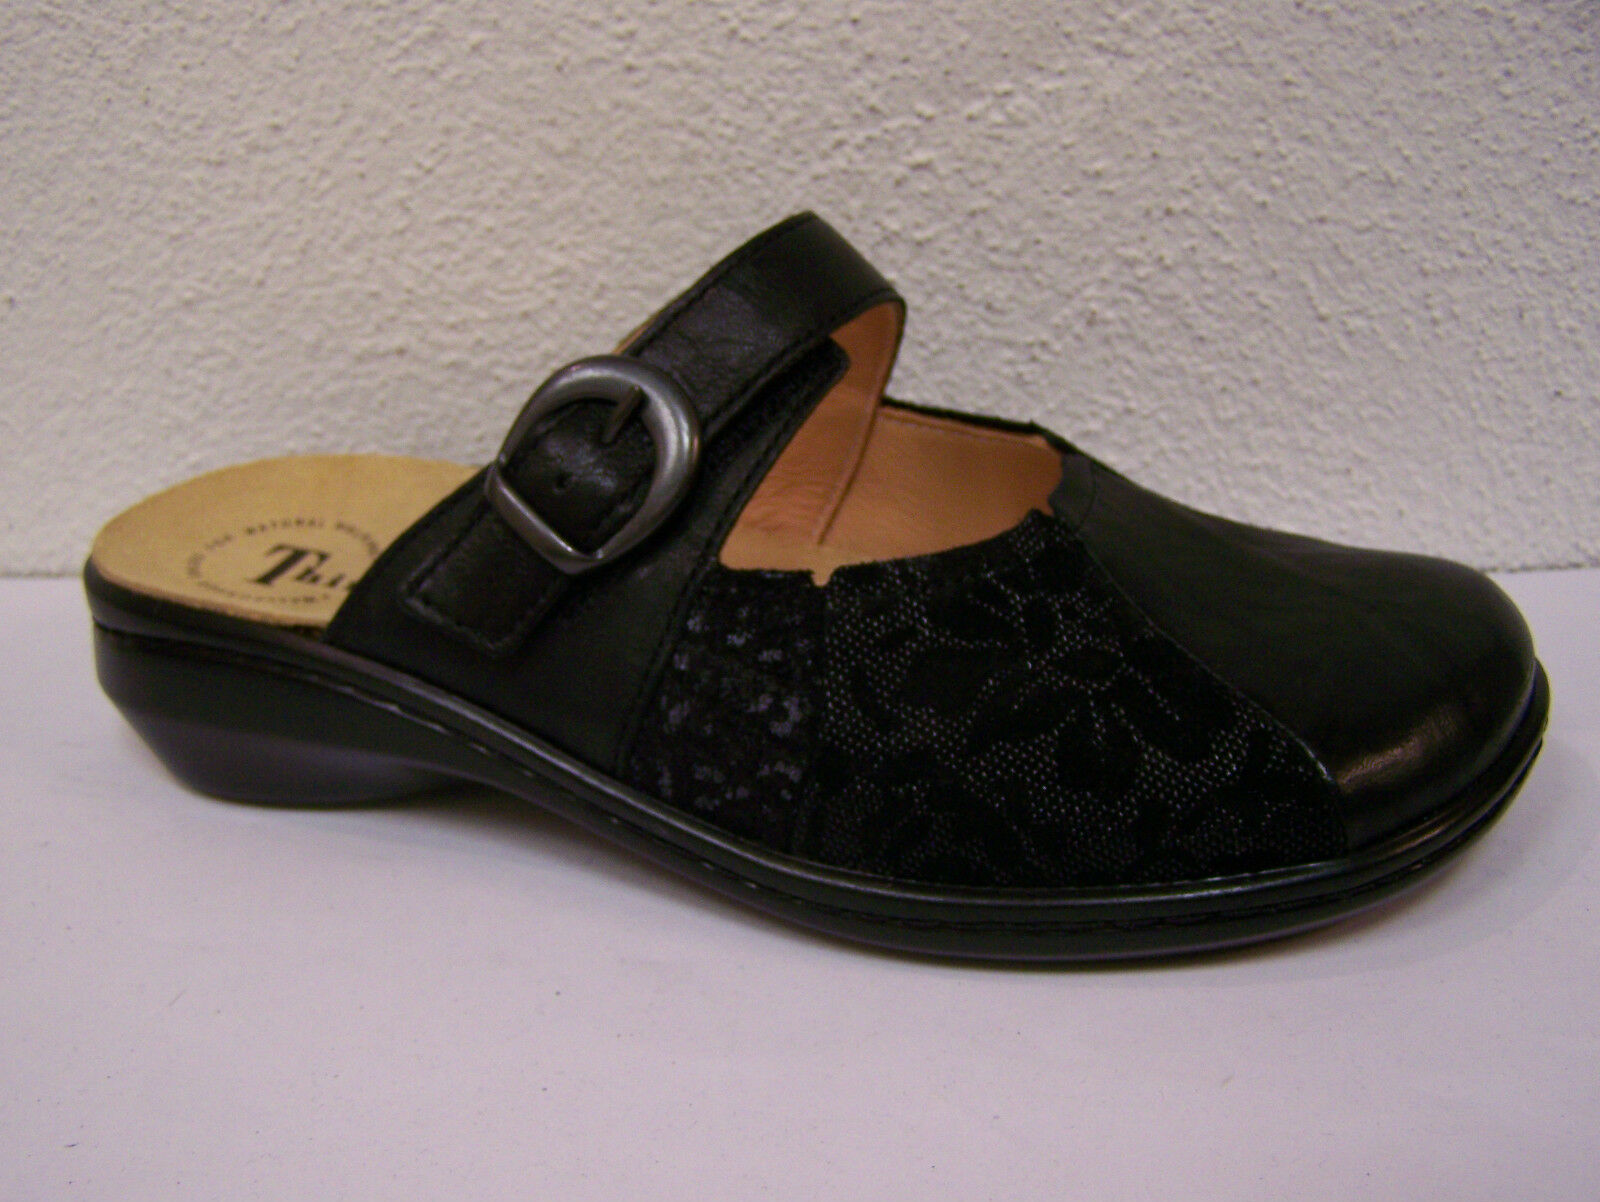 Think scarpe Camilla Velcro, plantare plantare plantare  Nero Kombi con cambio plantare   02b18c